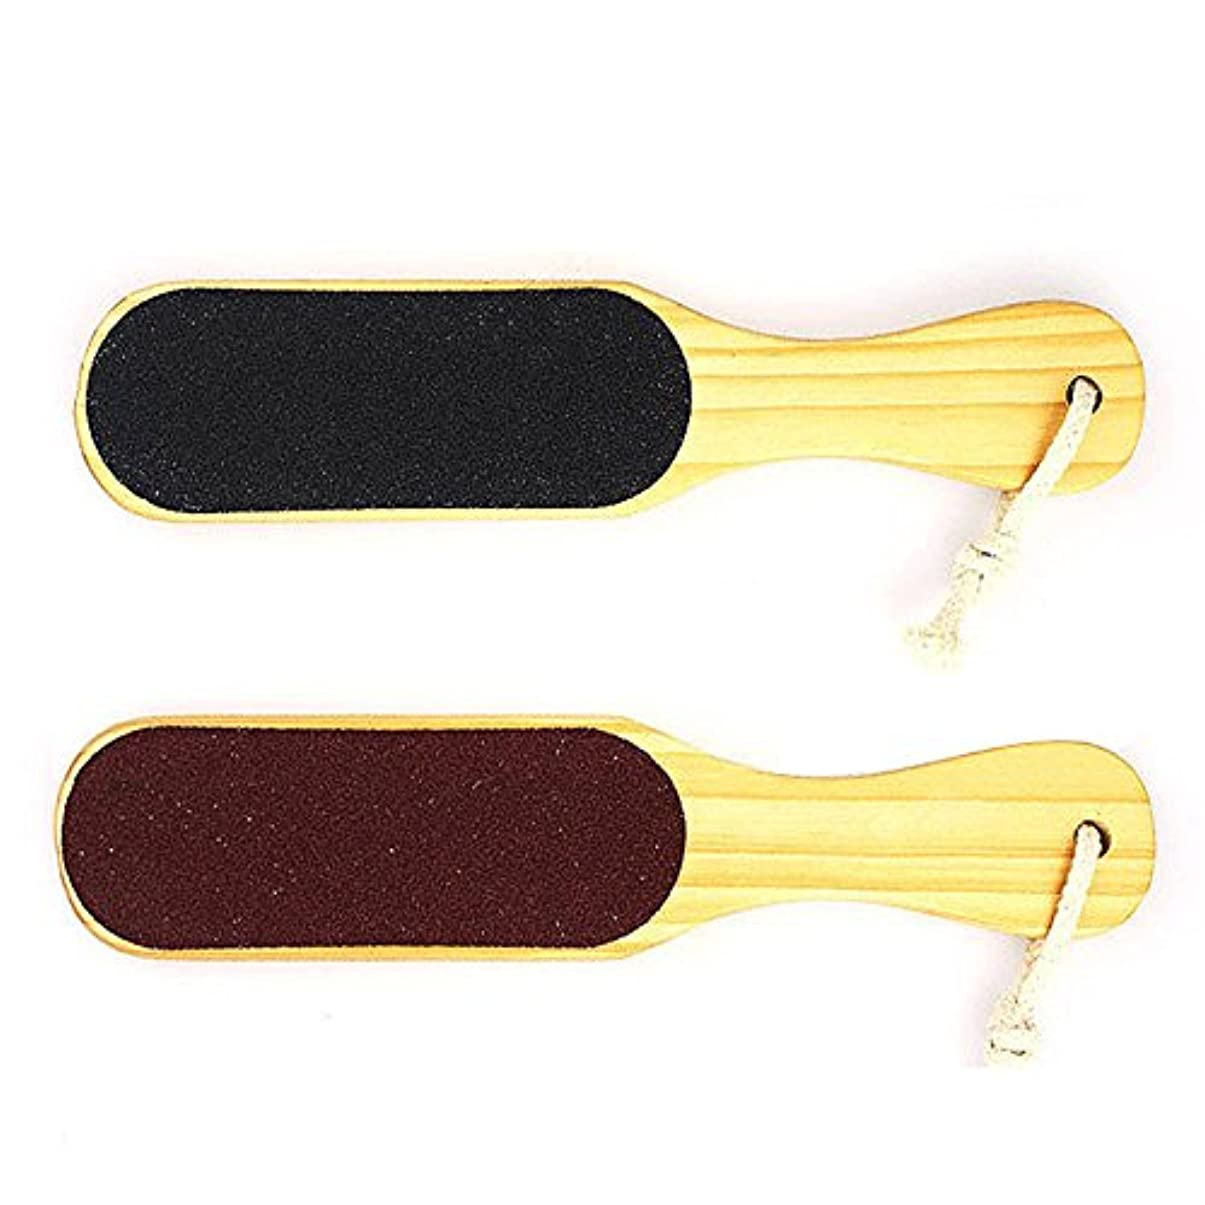 セブン海藻良心的Finlon 多機能 ツインヘッド角質取り器 足裏 角質除去 かかと 角質ケア かかとケア 足ケア 両面サンドペーパー かかとやすり フット用品